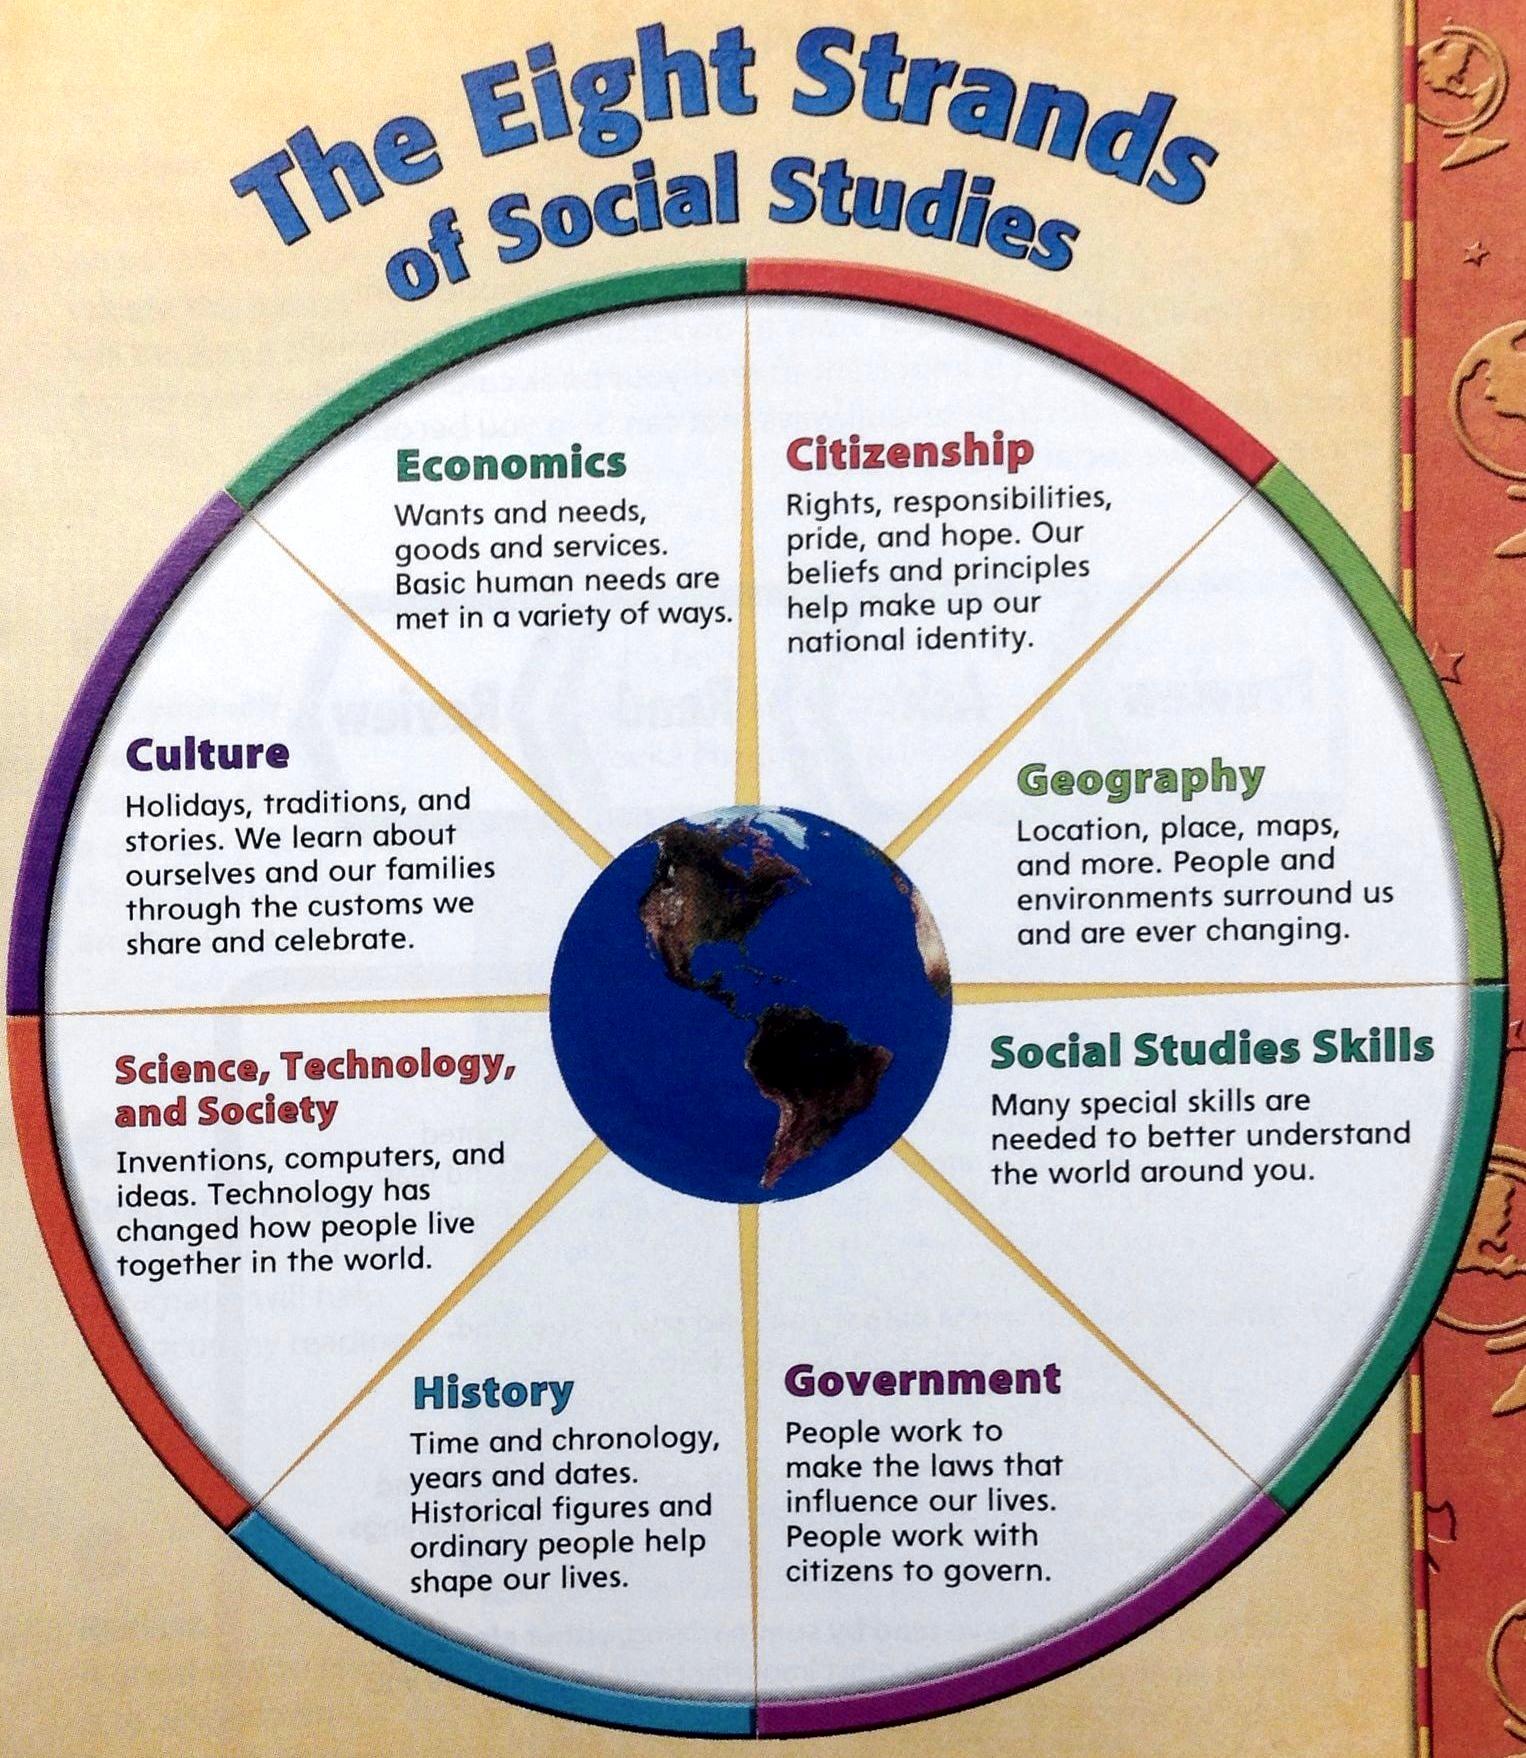 Social Stu S Skills